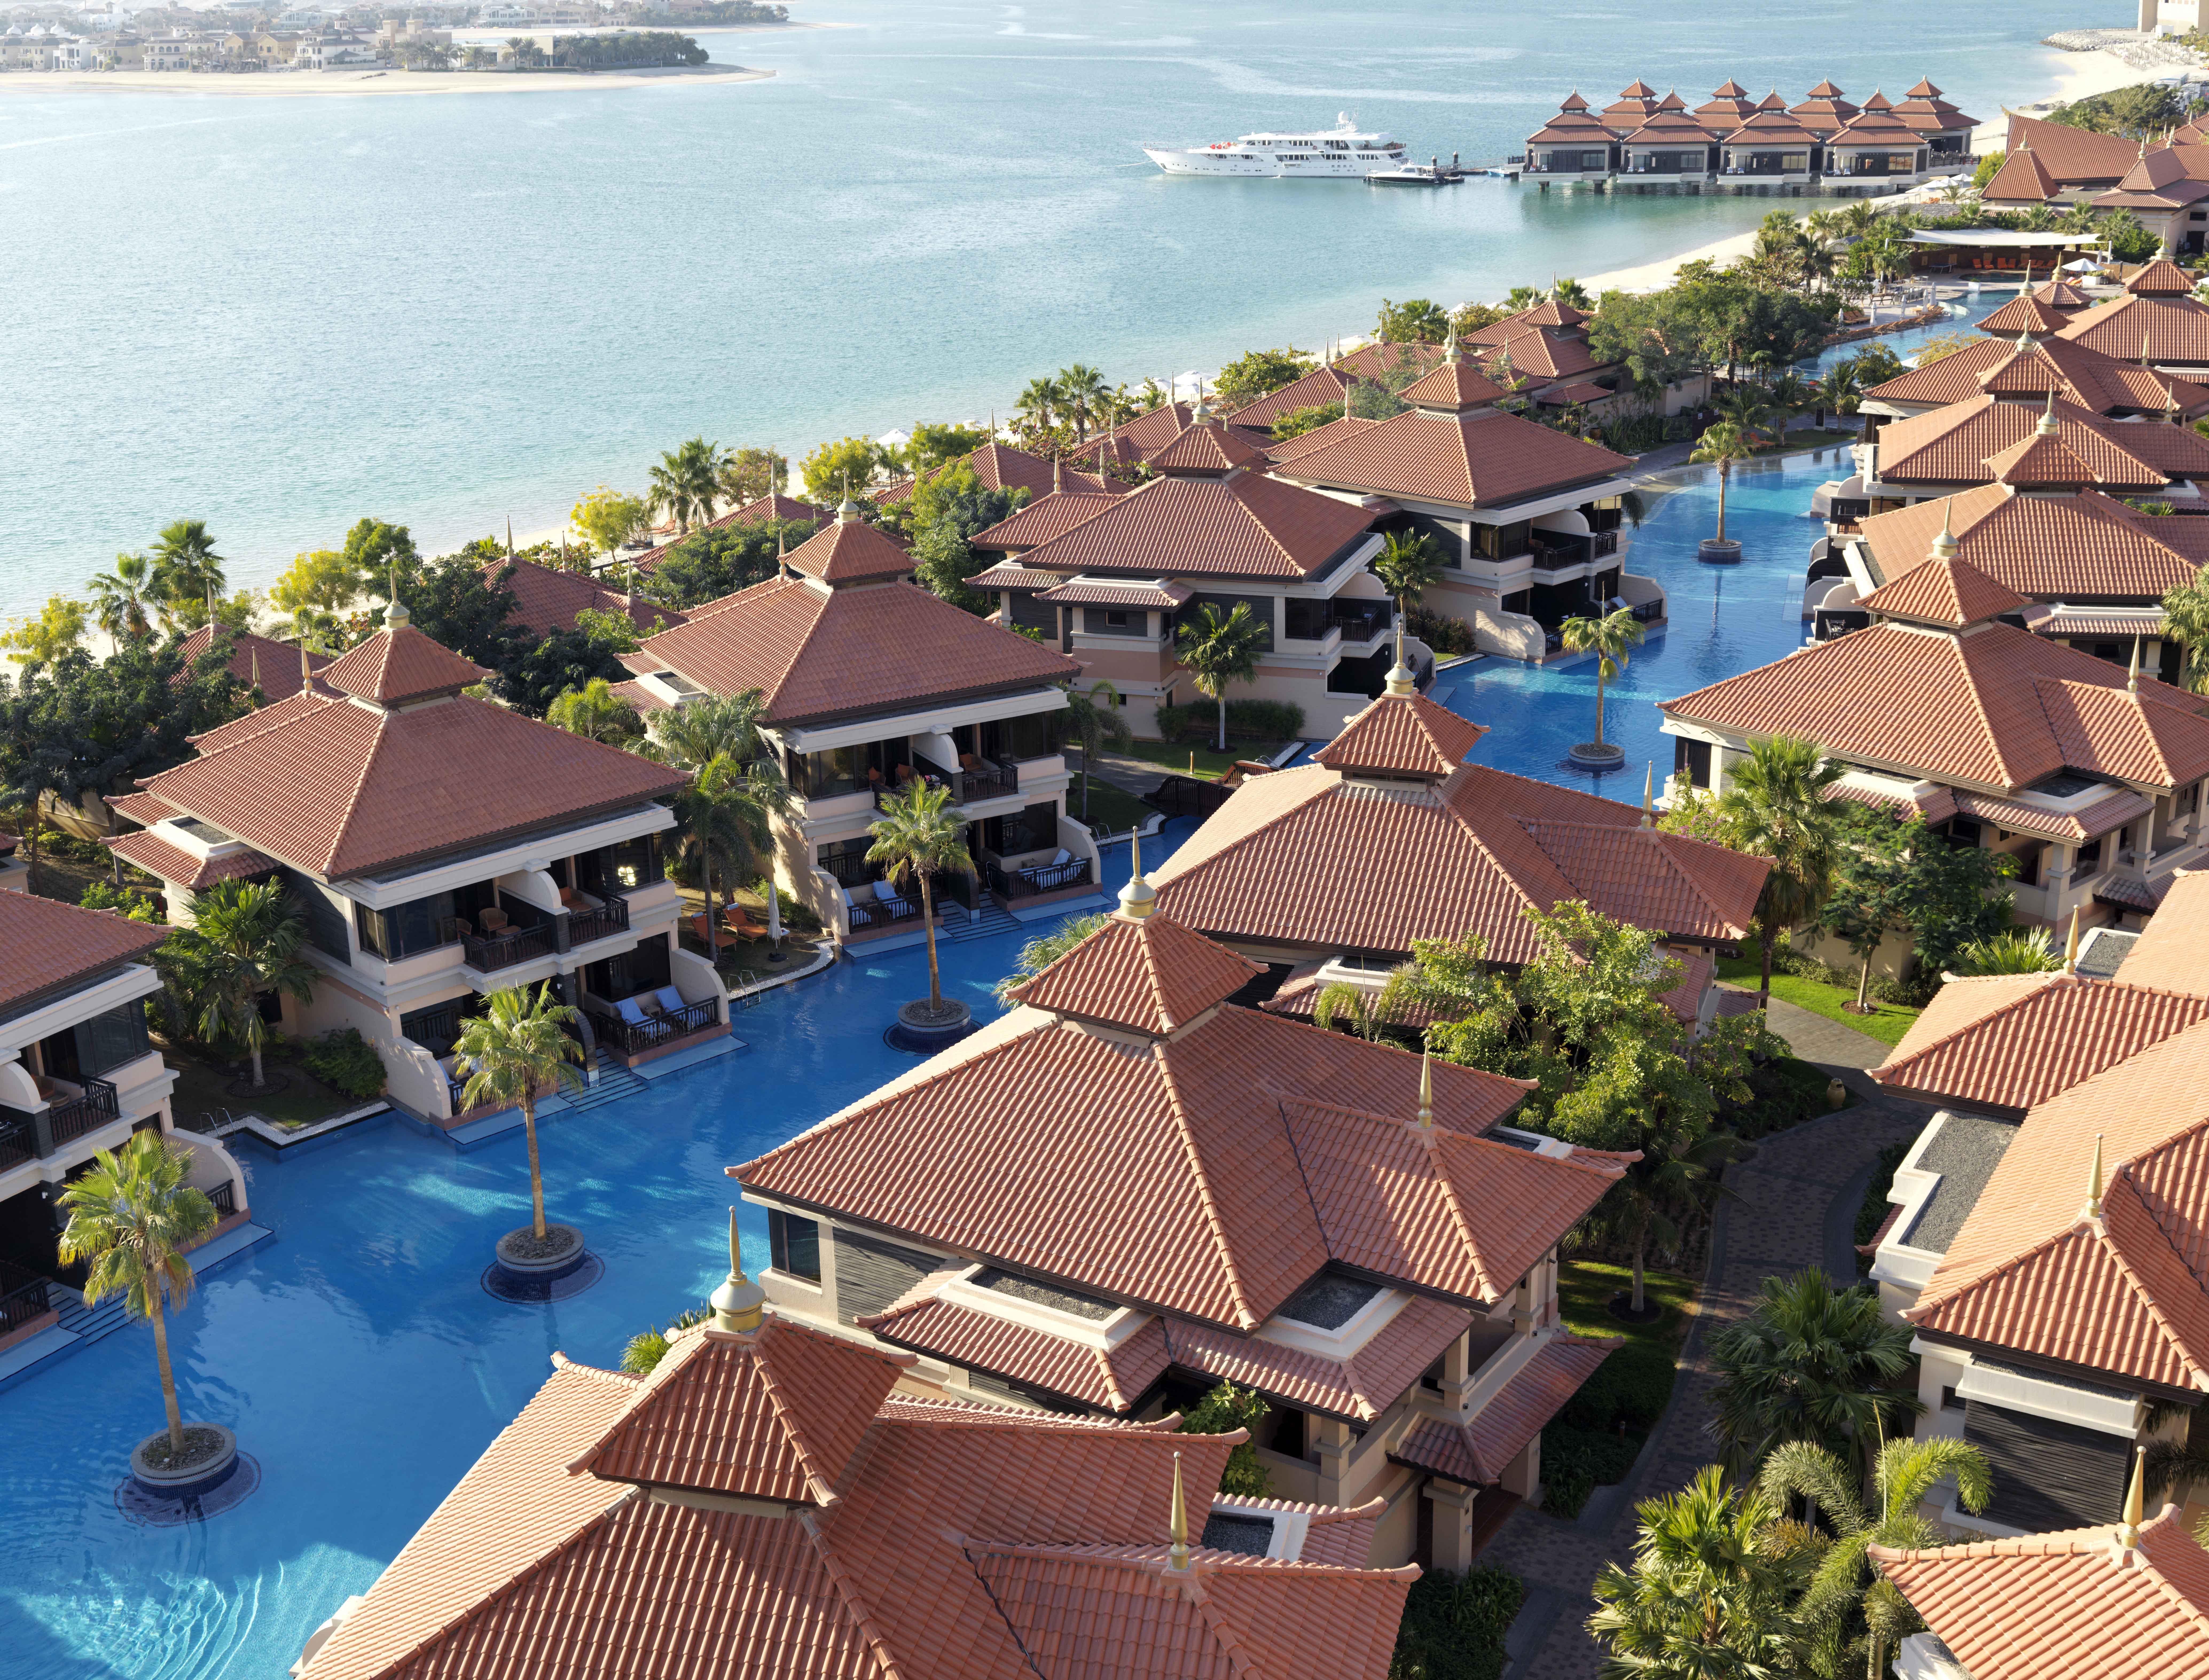 Hi_ADPJ_72945809_Resort_Lagoon_View